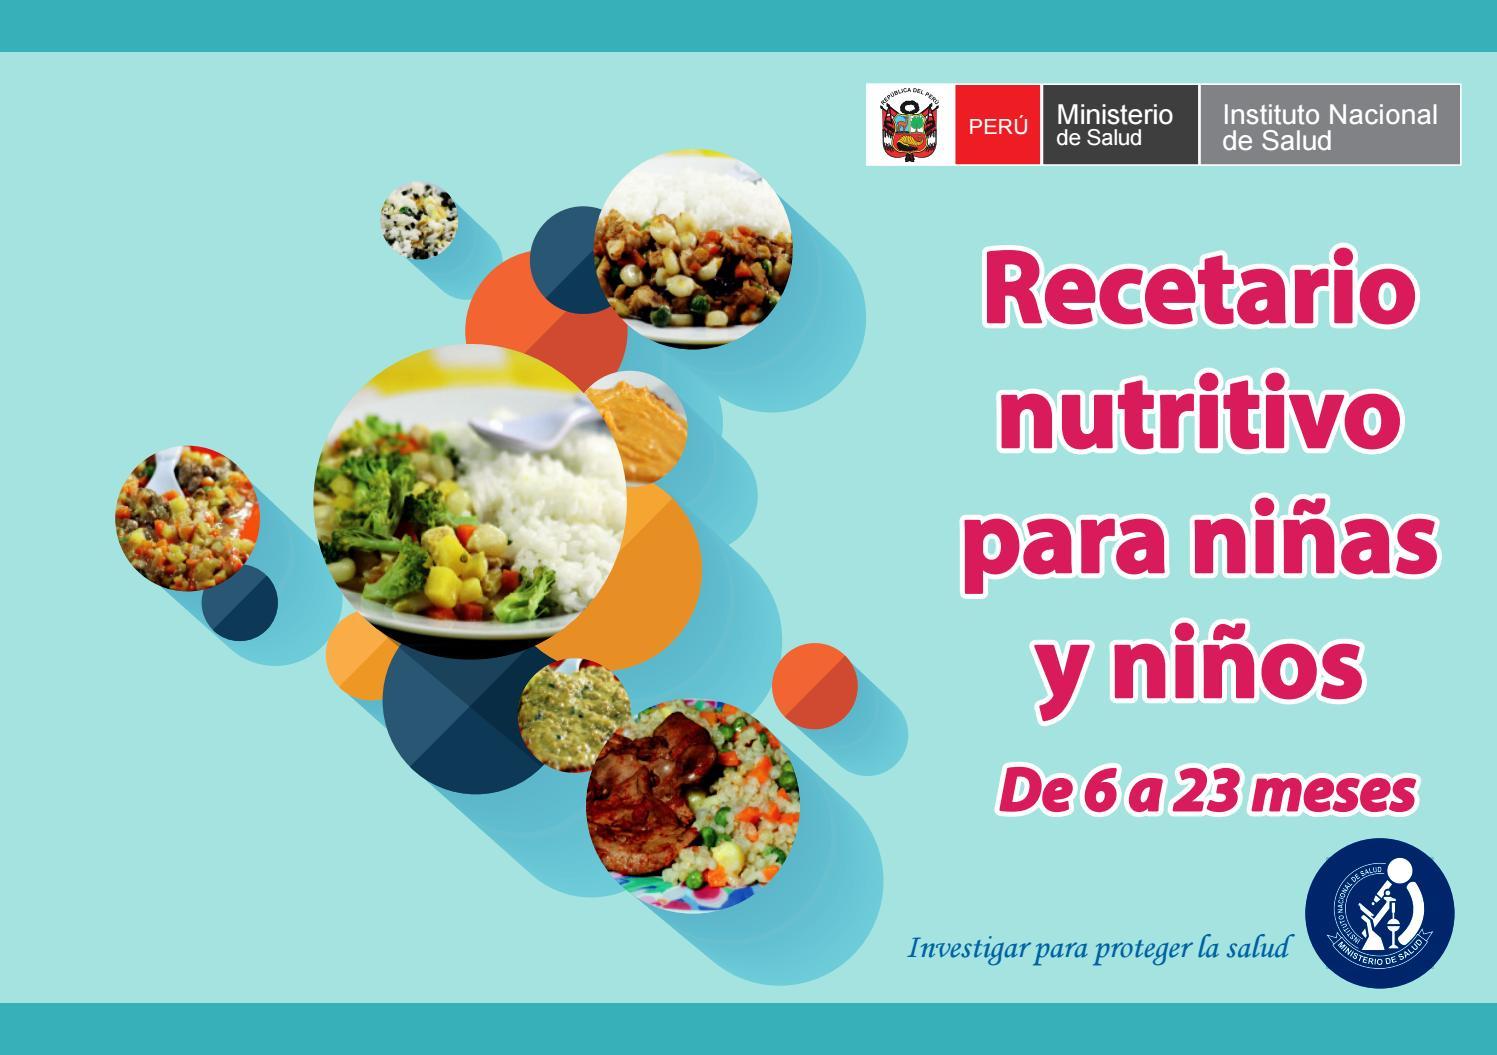 Recetario nutritivo para ni os de 06 a 23 meses by for Como preparar comida para ninos